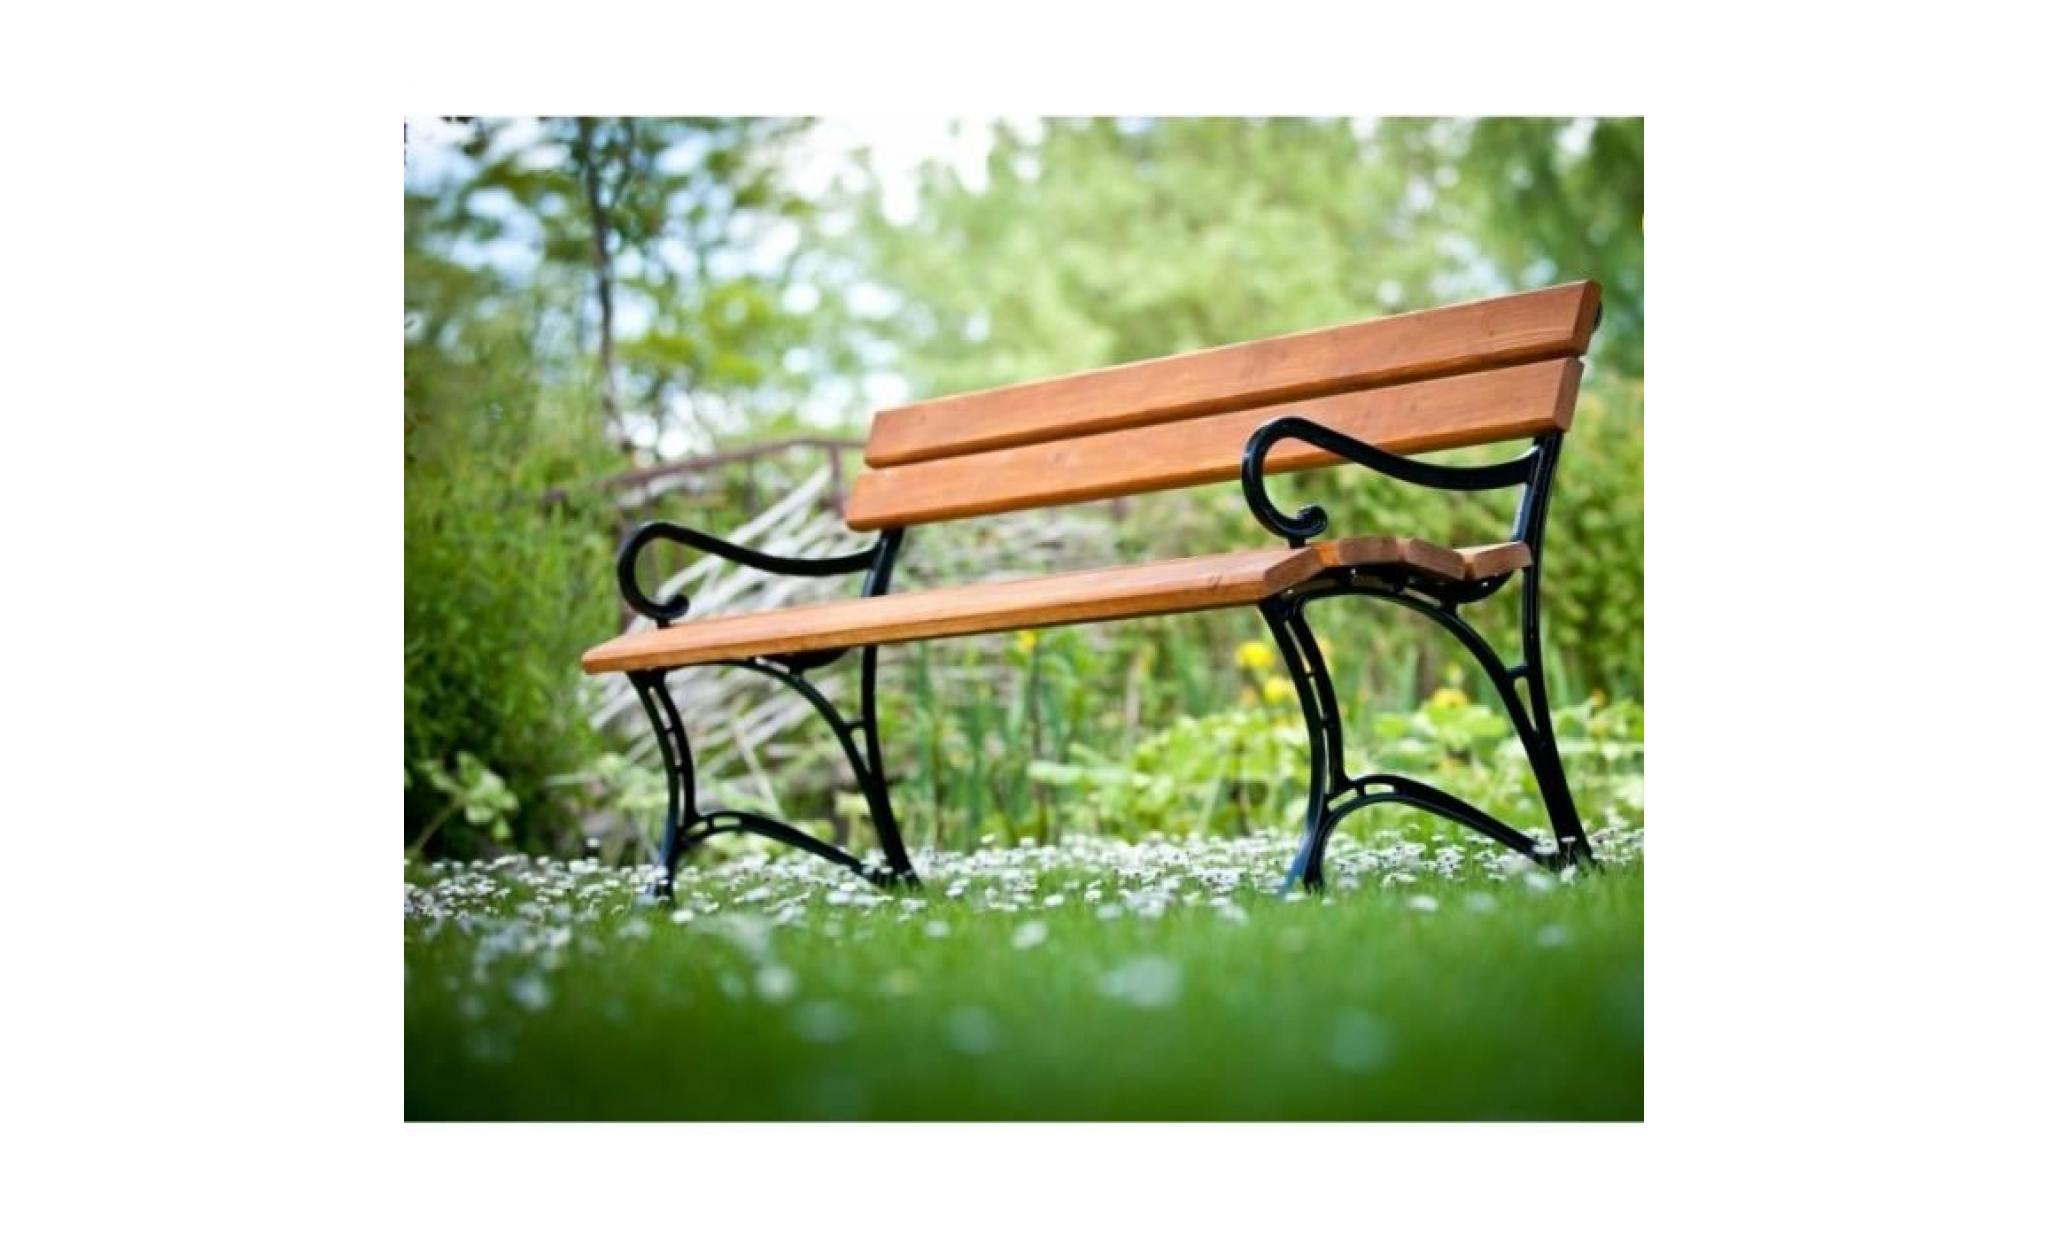 banc de jardin en bois couleur teck et aluminium 150cm avec accoudoirs achat vente banc de. Black Bedroom Furniture Sets. Home Design Ideas